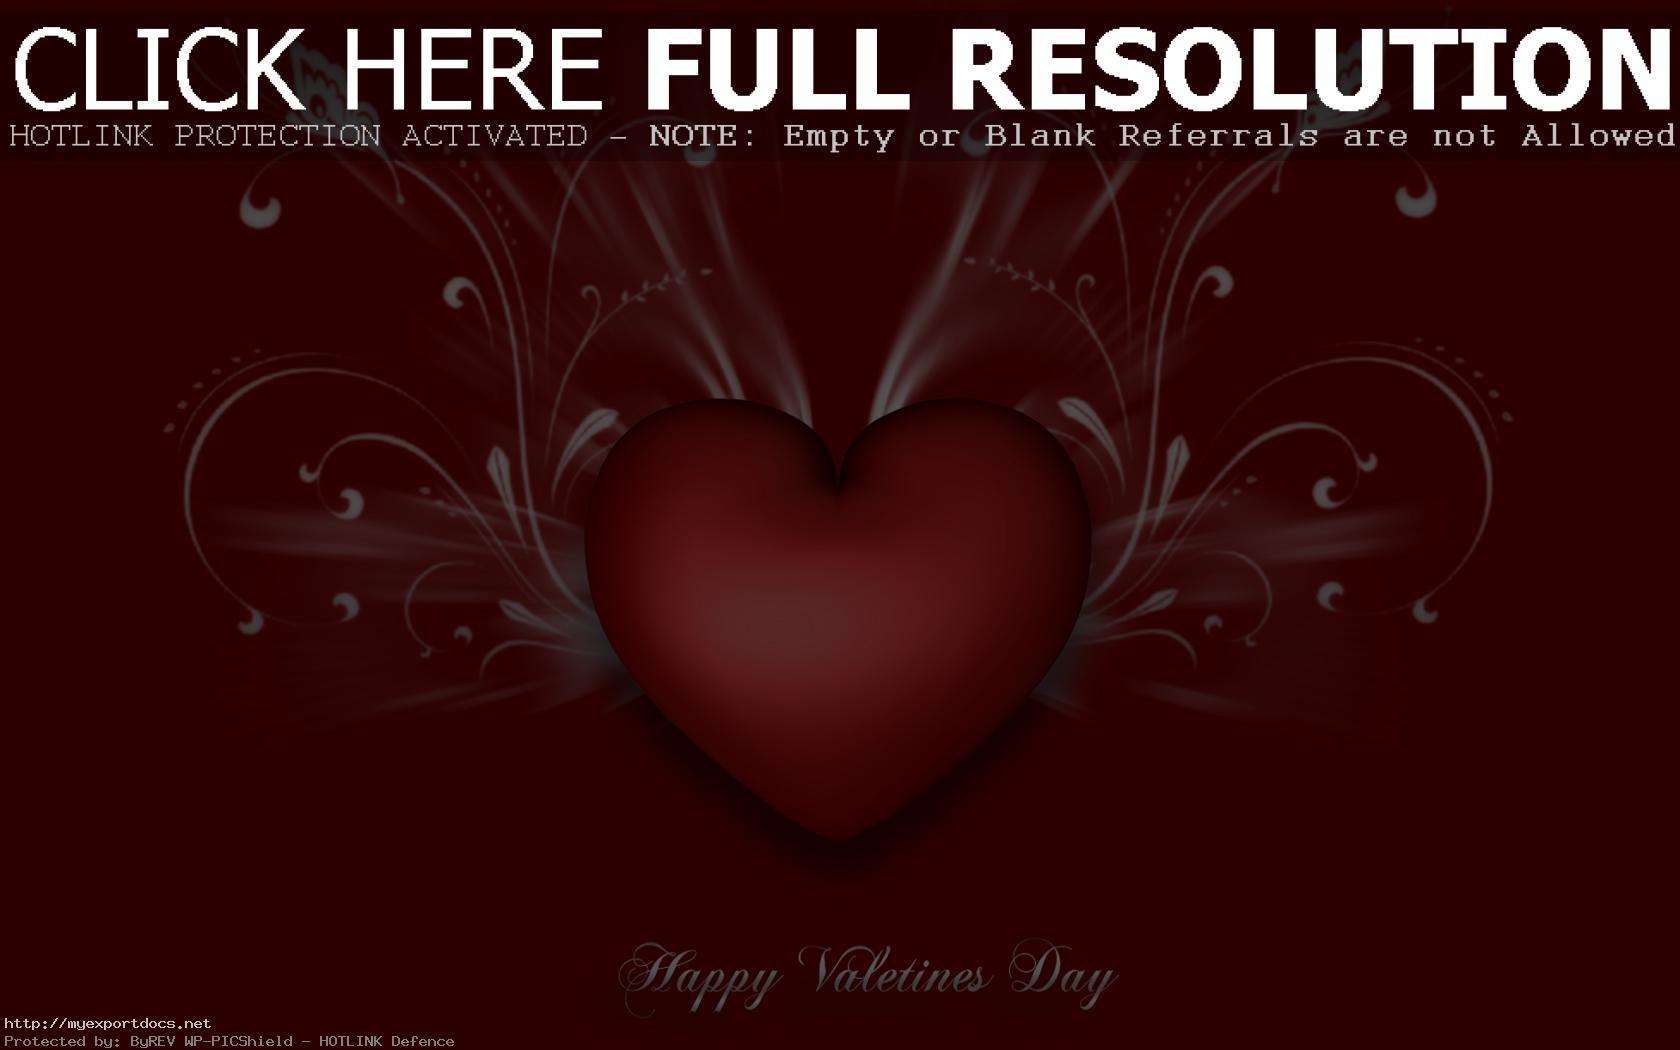 صور الفلانتين عالية الوضوح , خلفيات عيد الفلانتين valentine's day